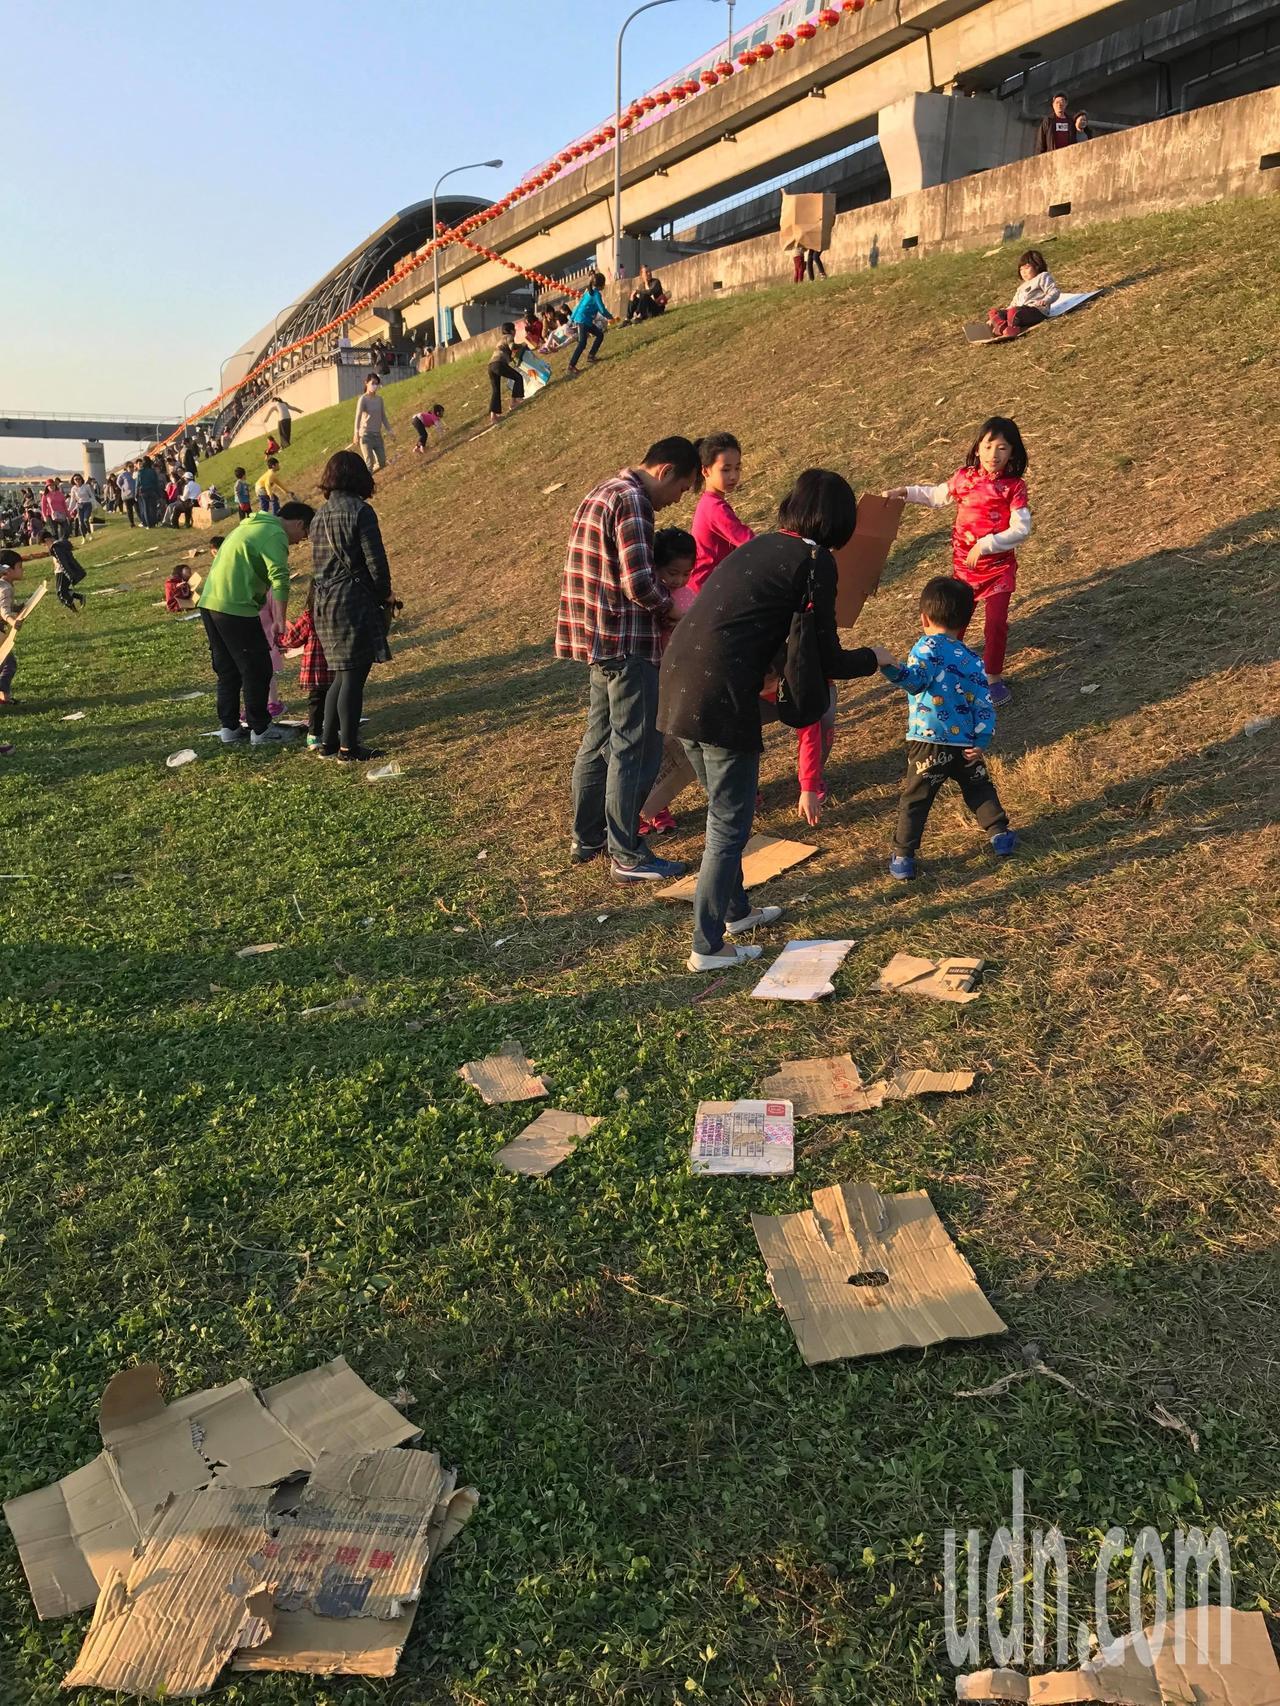 大台北都會公園的河堤土坡竟成滑草道,小朋友將紙箱拆開變成滑草板,造成草皮光禿禿,...